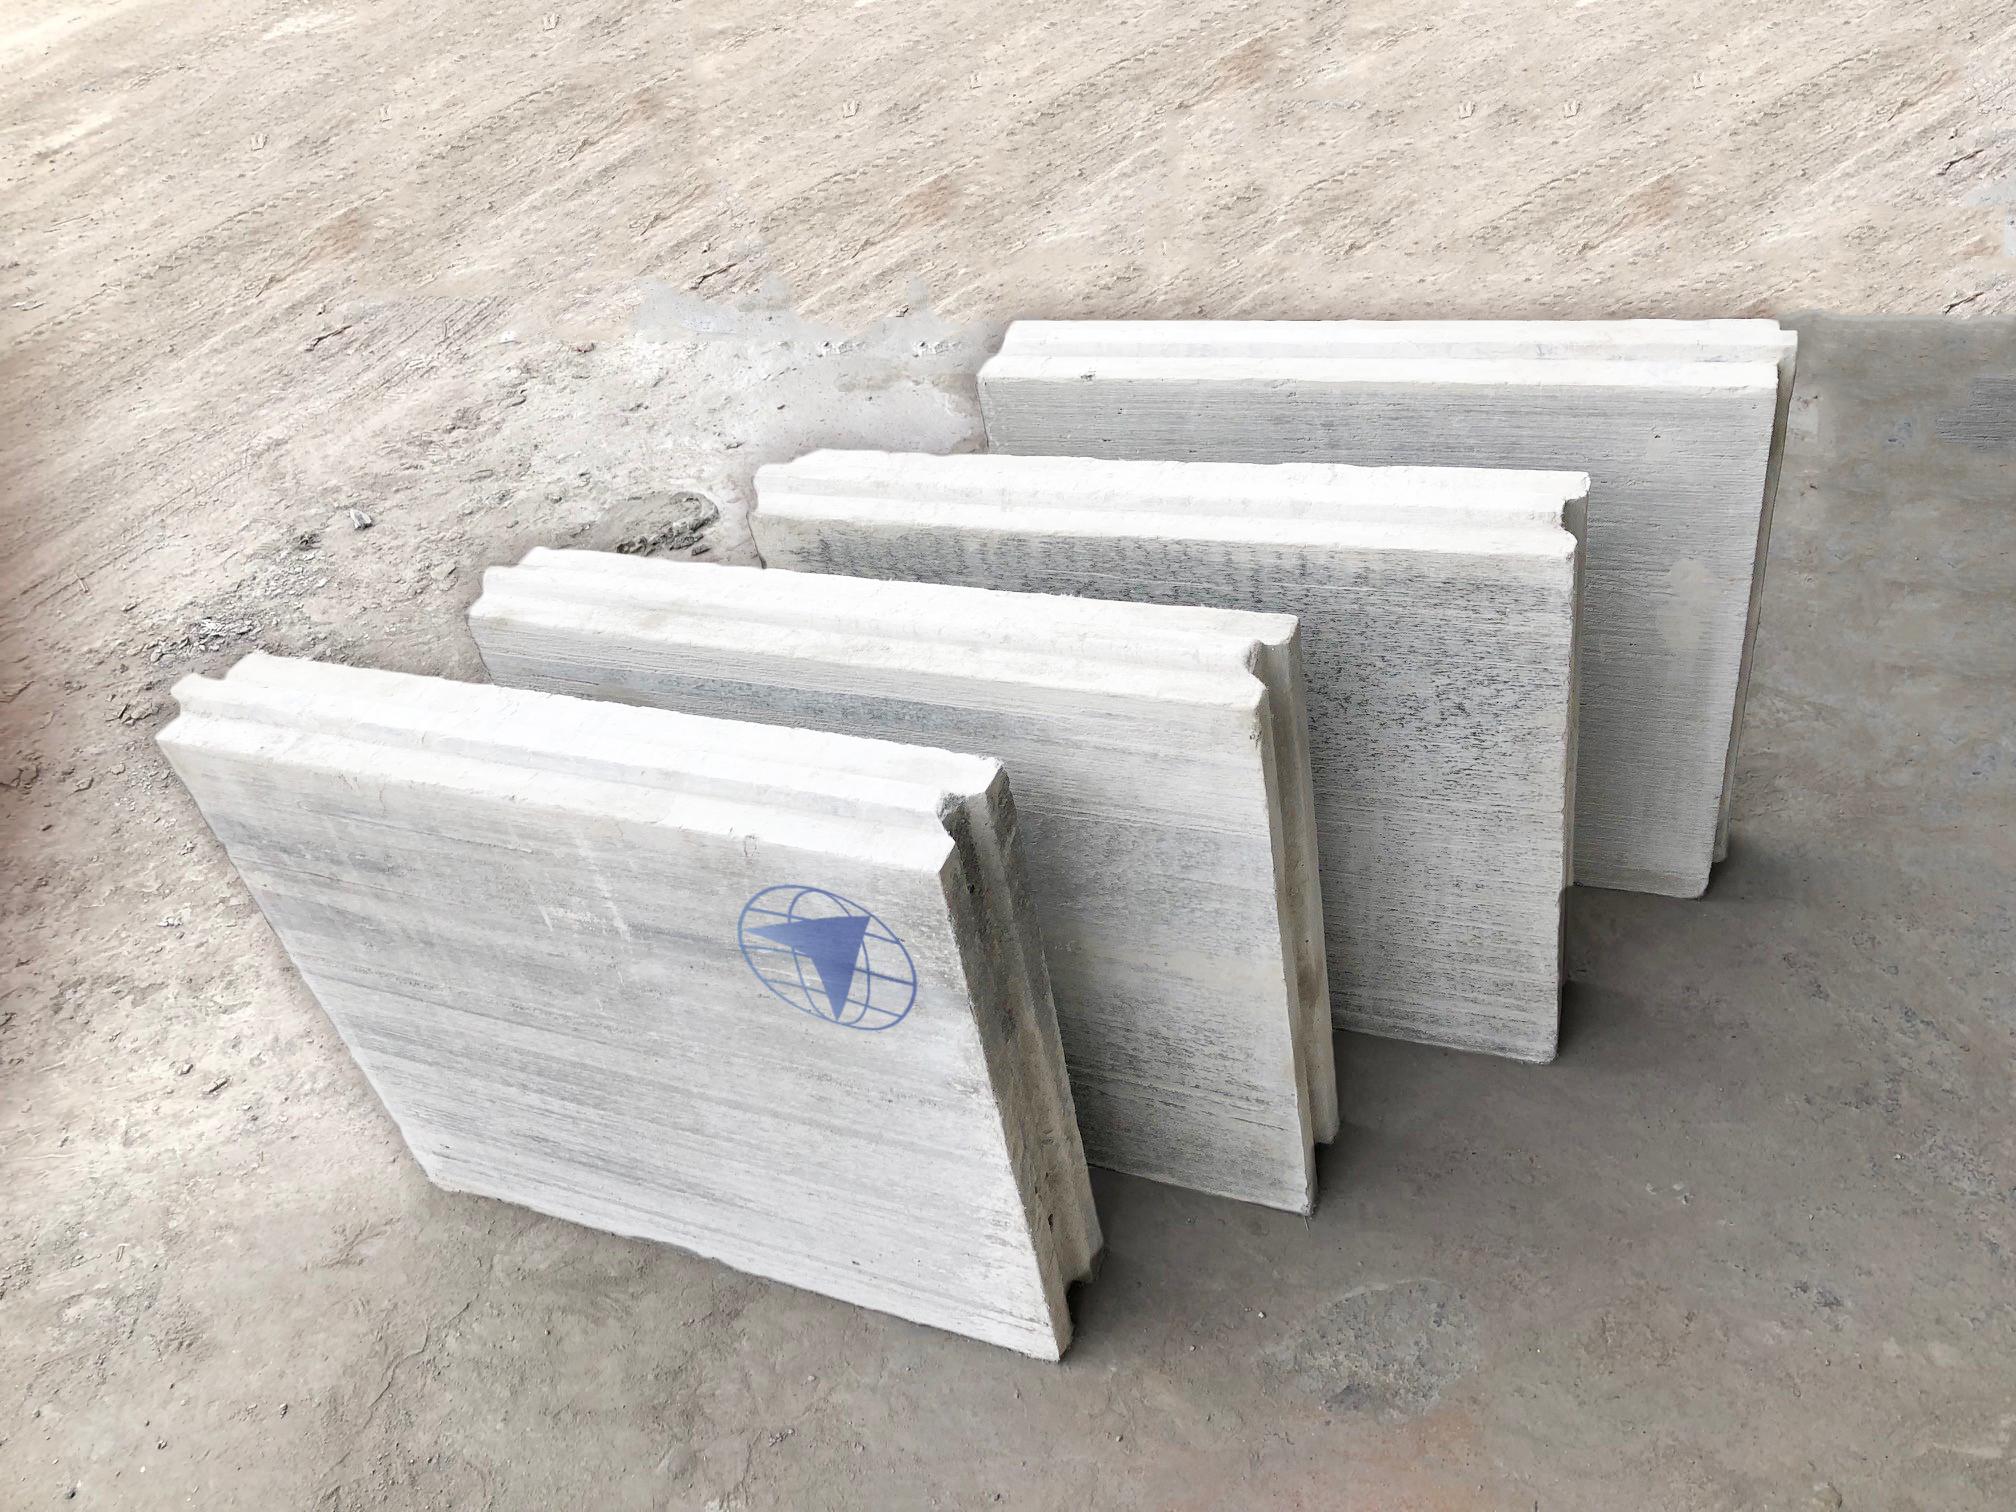 Giới thiệu về tấm panel bê tông nhẹ đúc sẵn